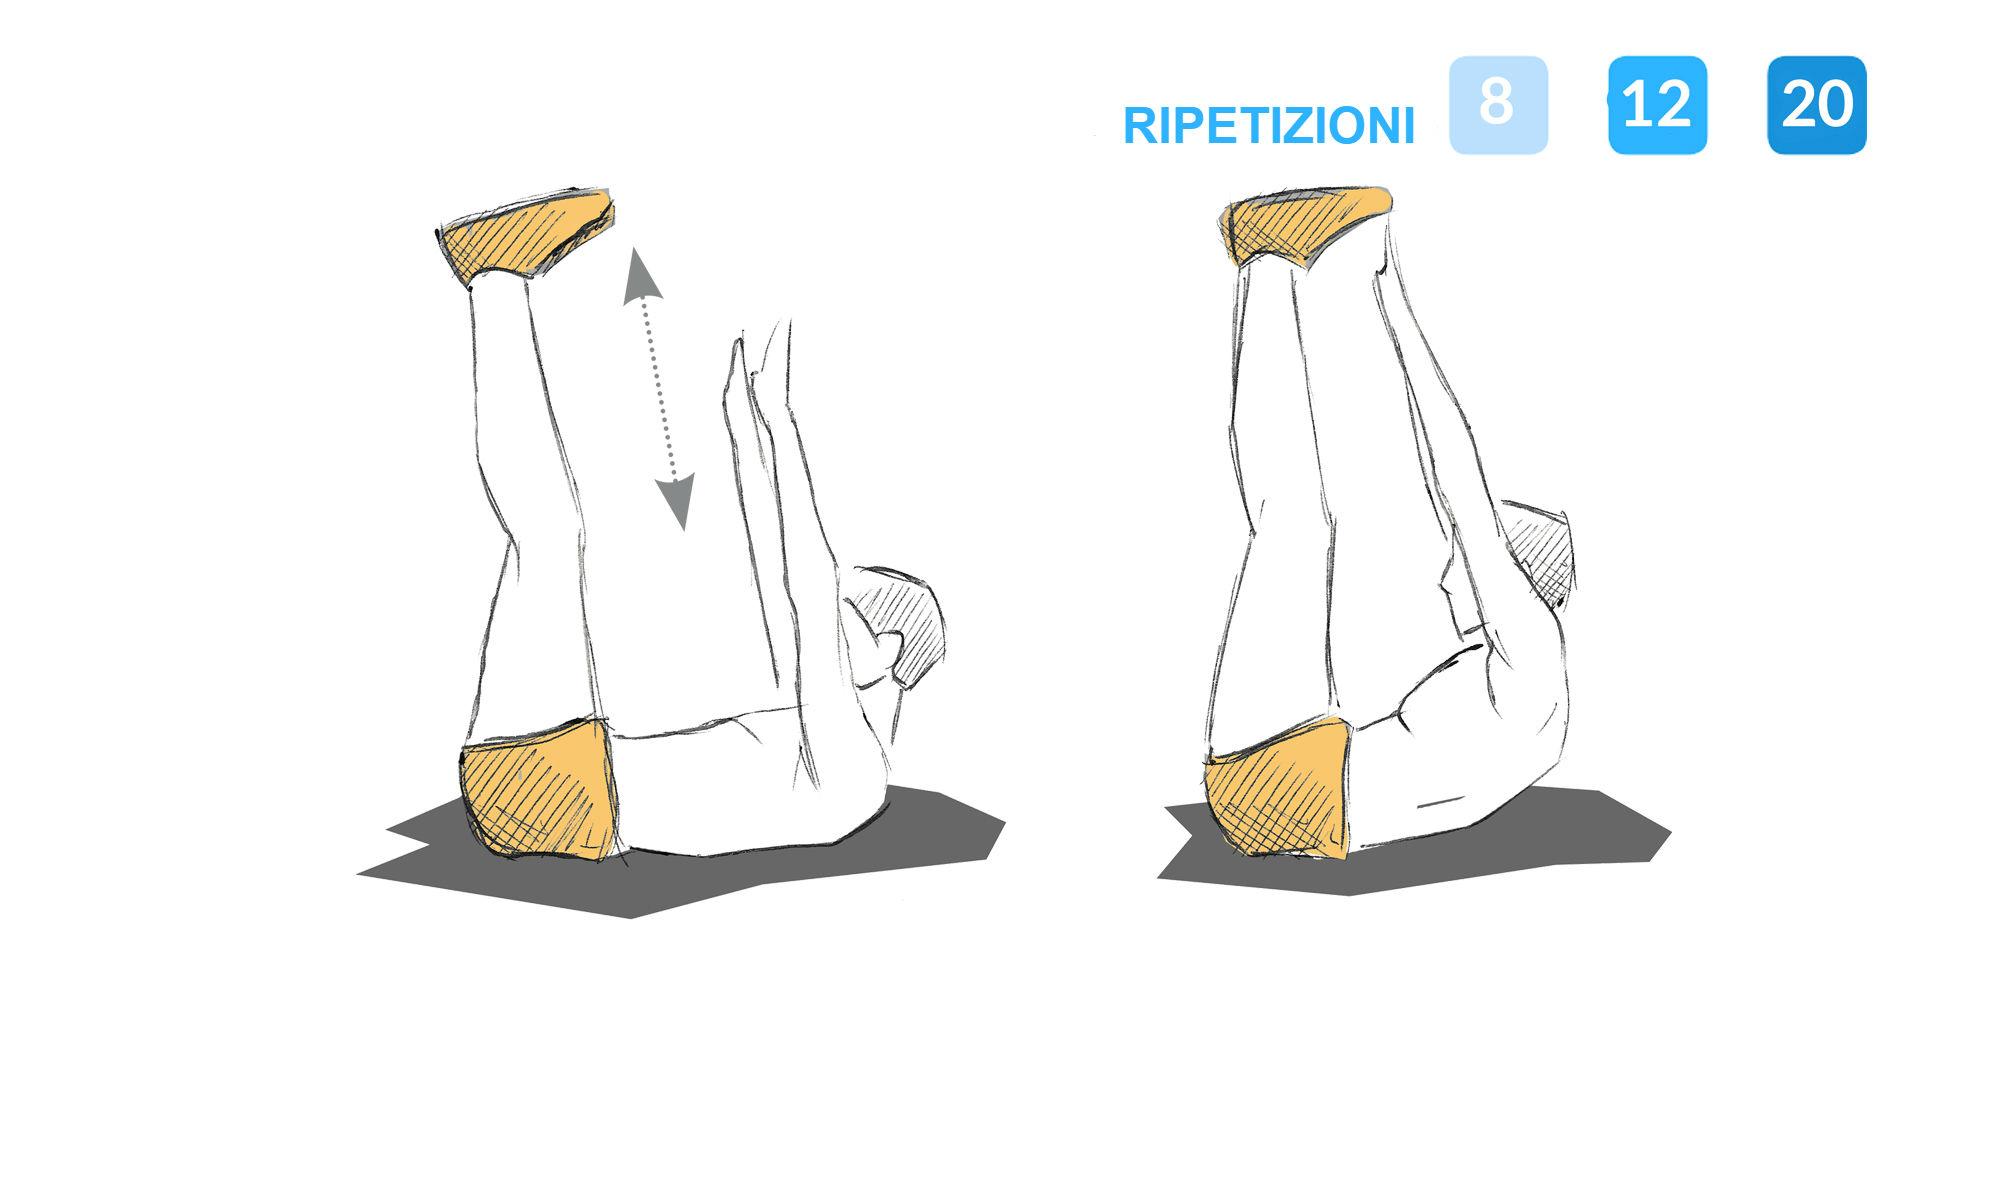 Immagine che illustra gli addominali a gamba tesa.